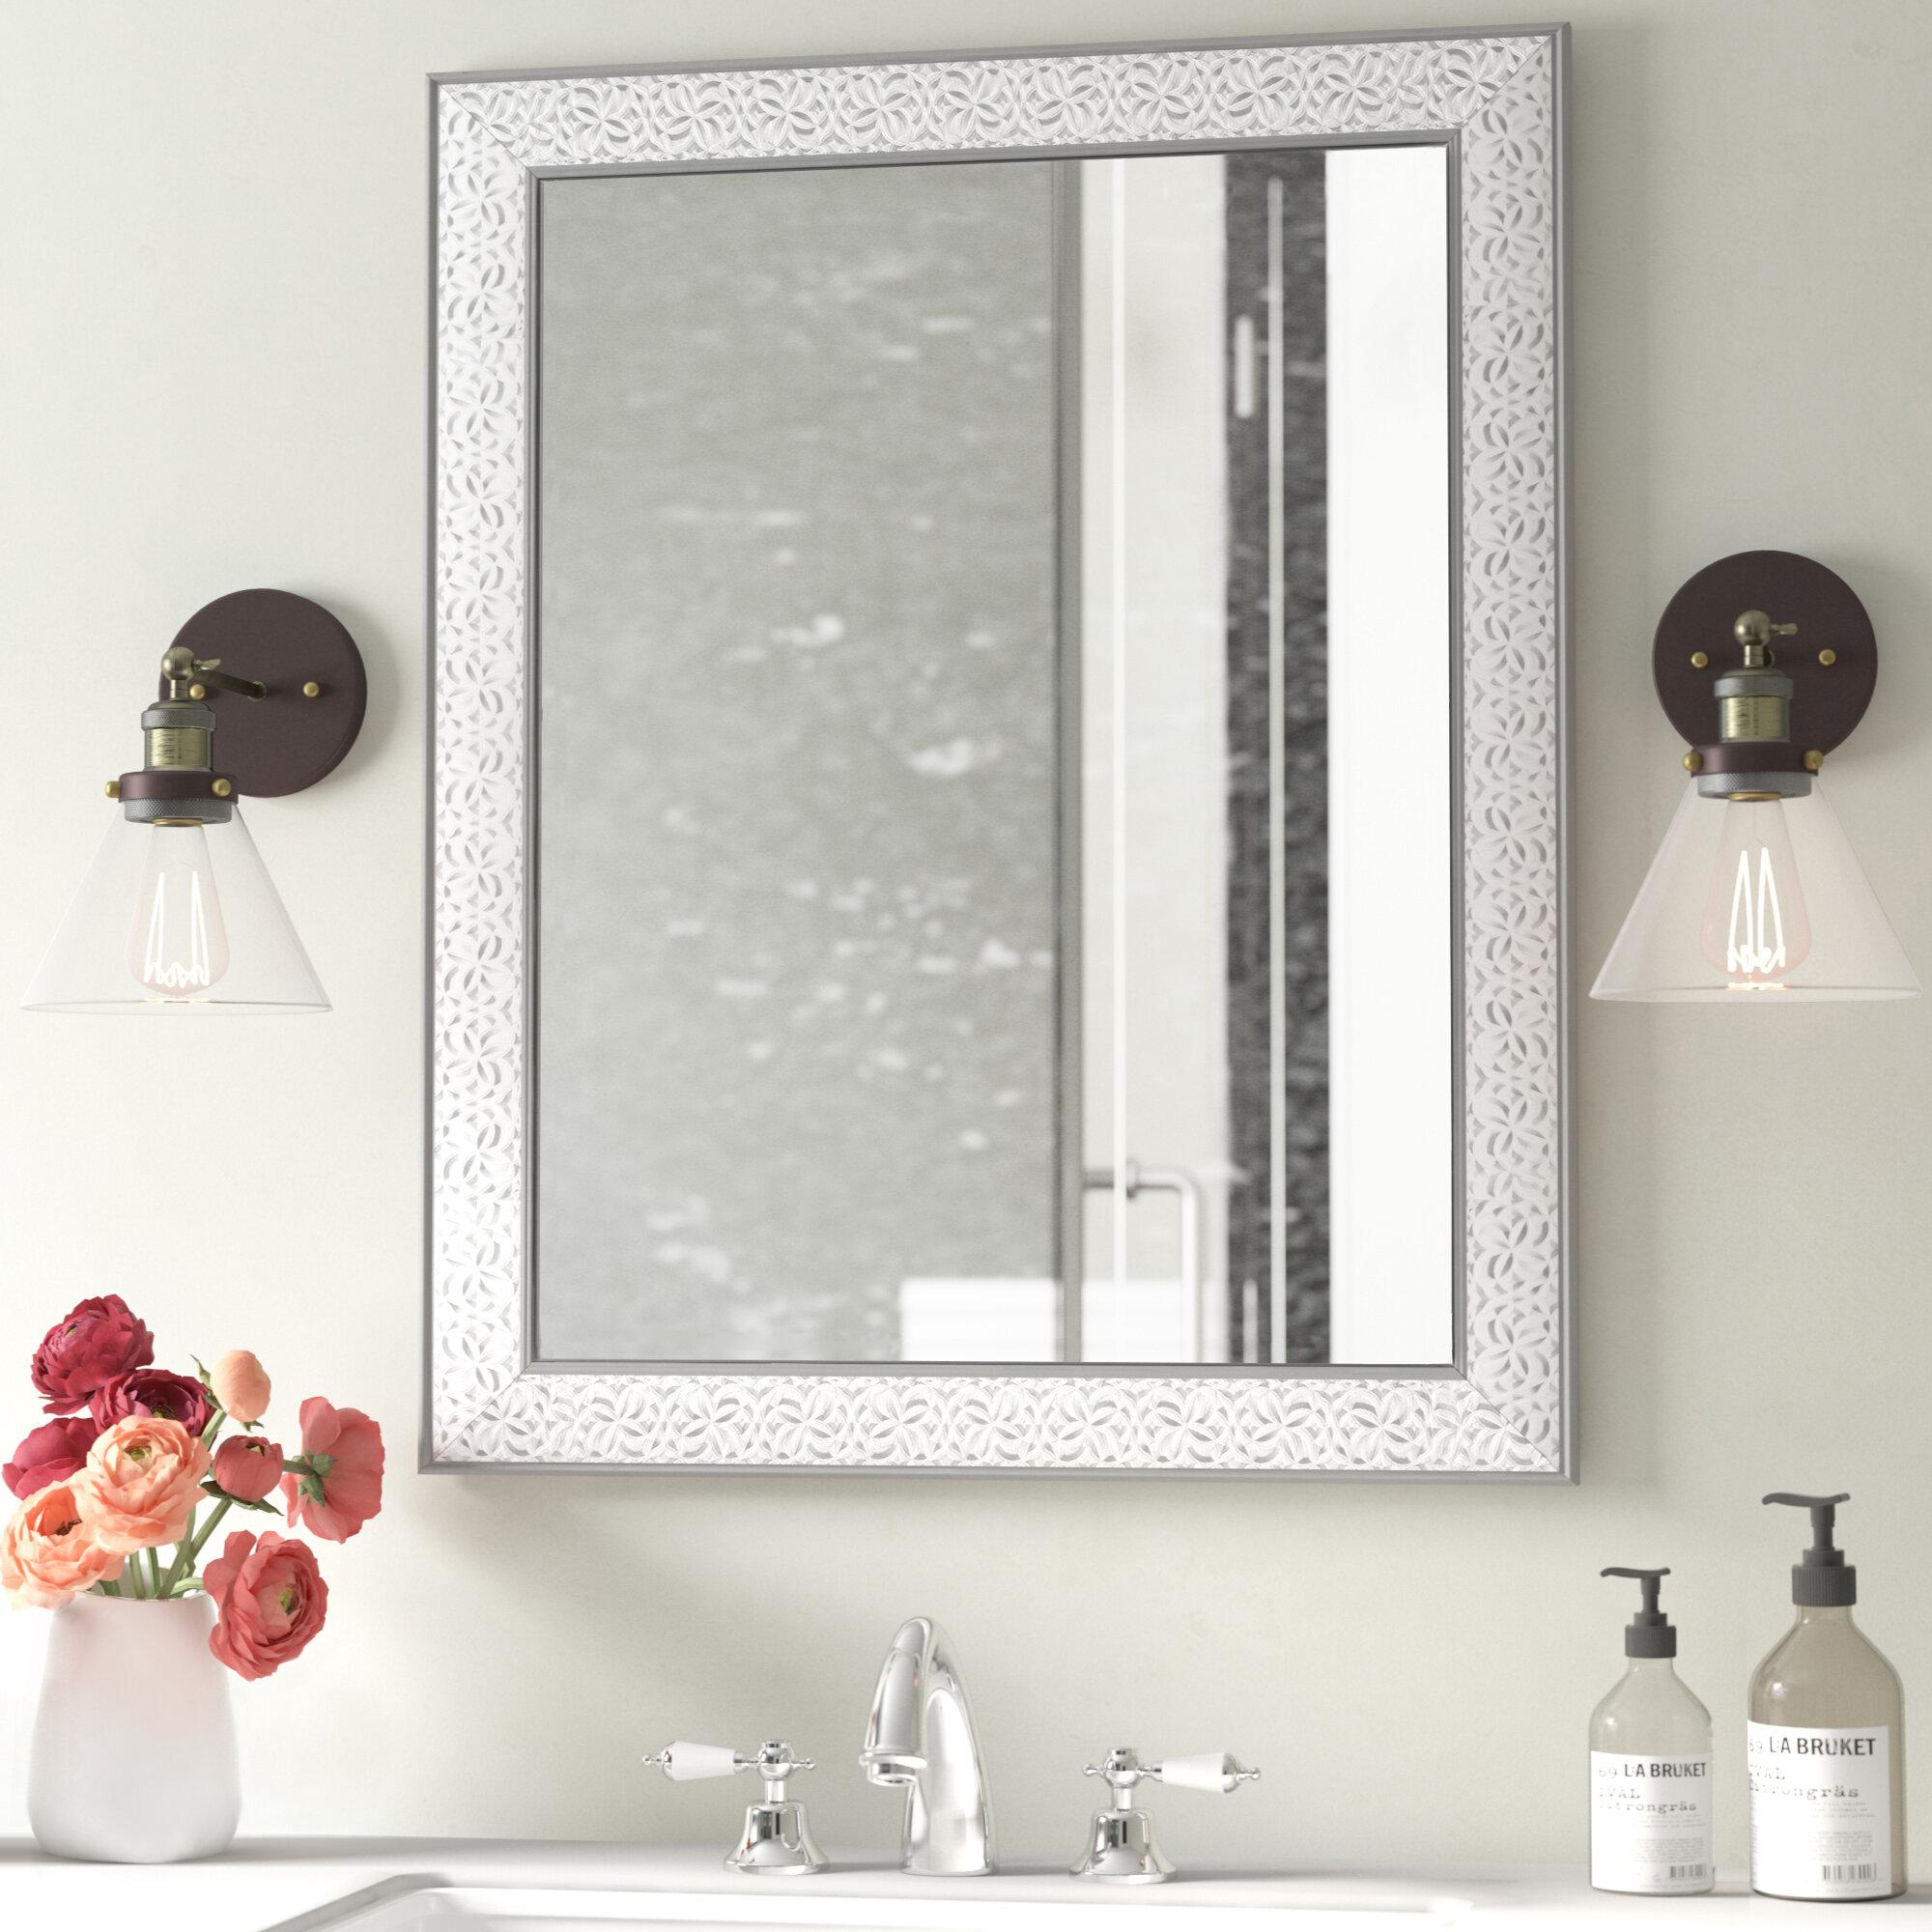 Vanity Mirror.Encanto Modern Contemporary Beveled Bathroom Vanity Mirror